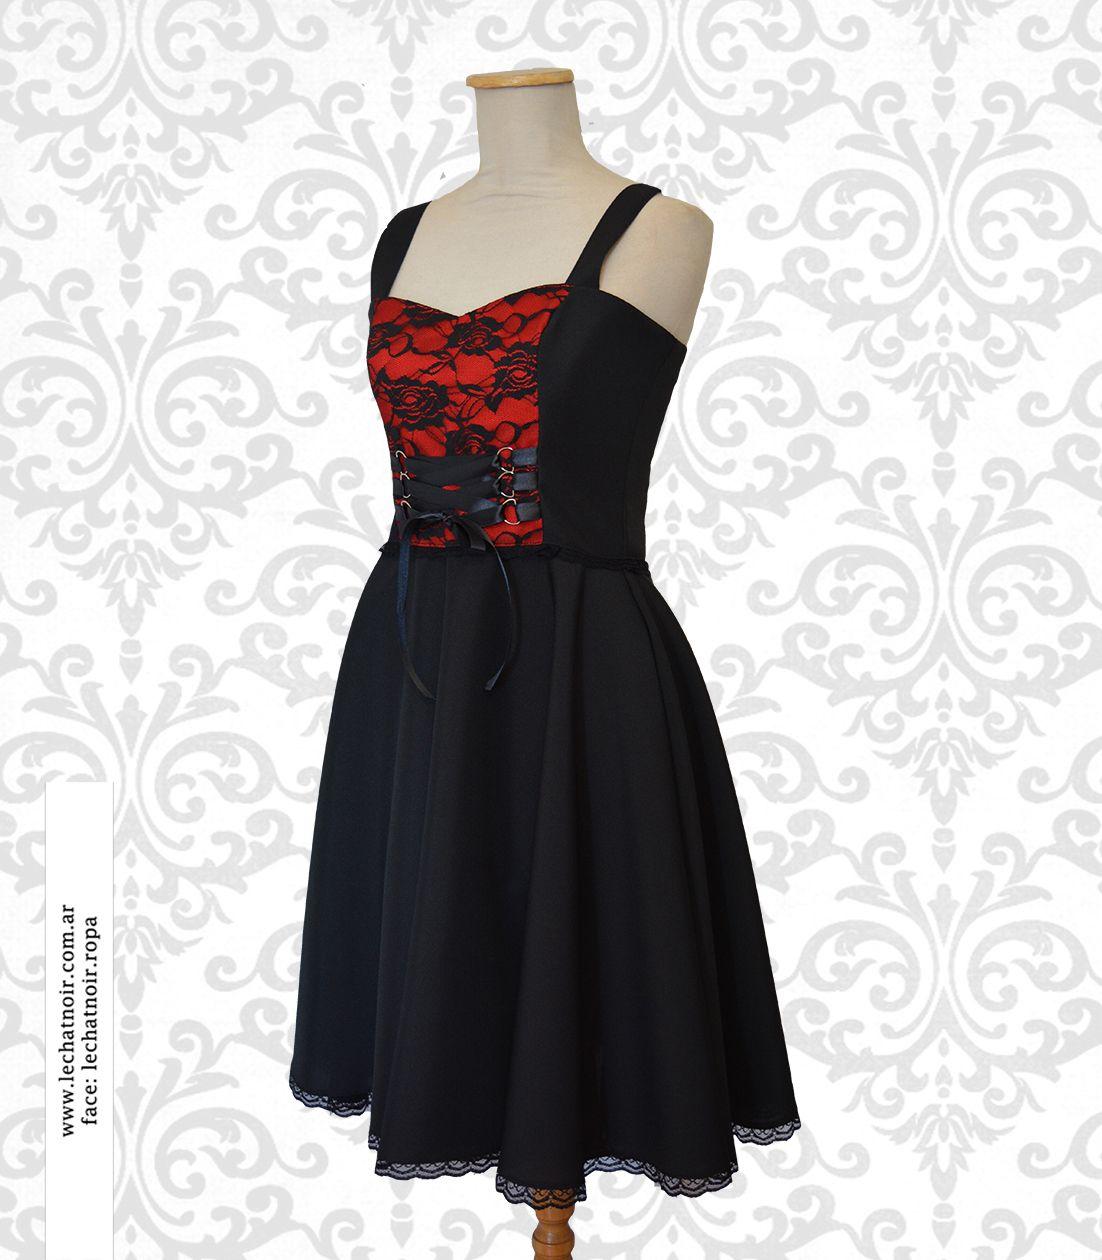 Vestido negro con detalle rojo